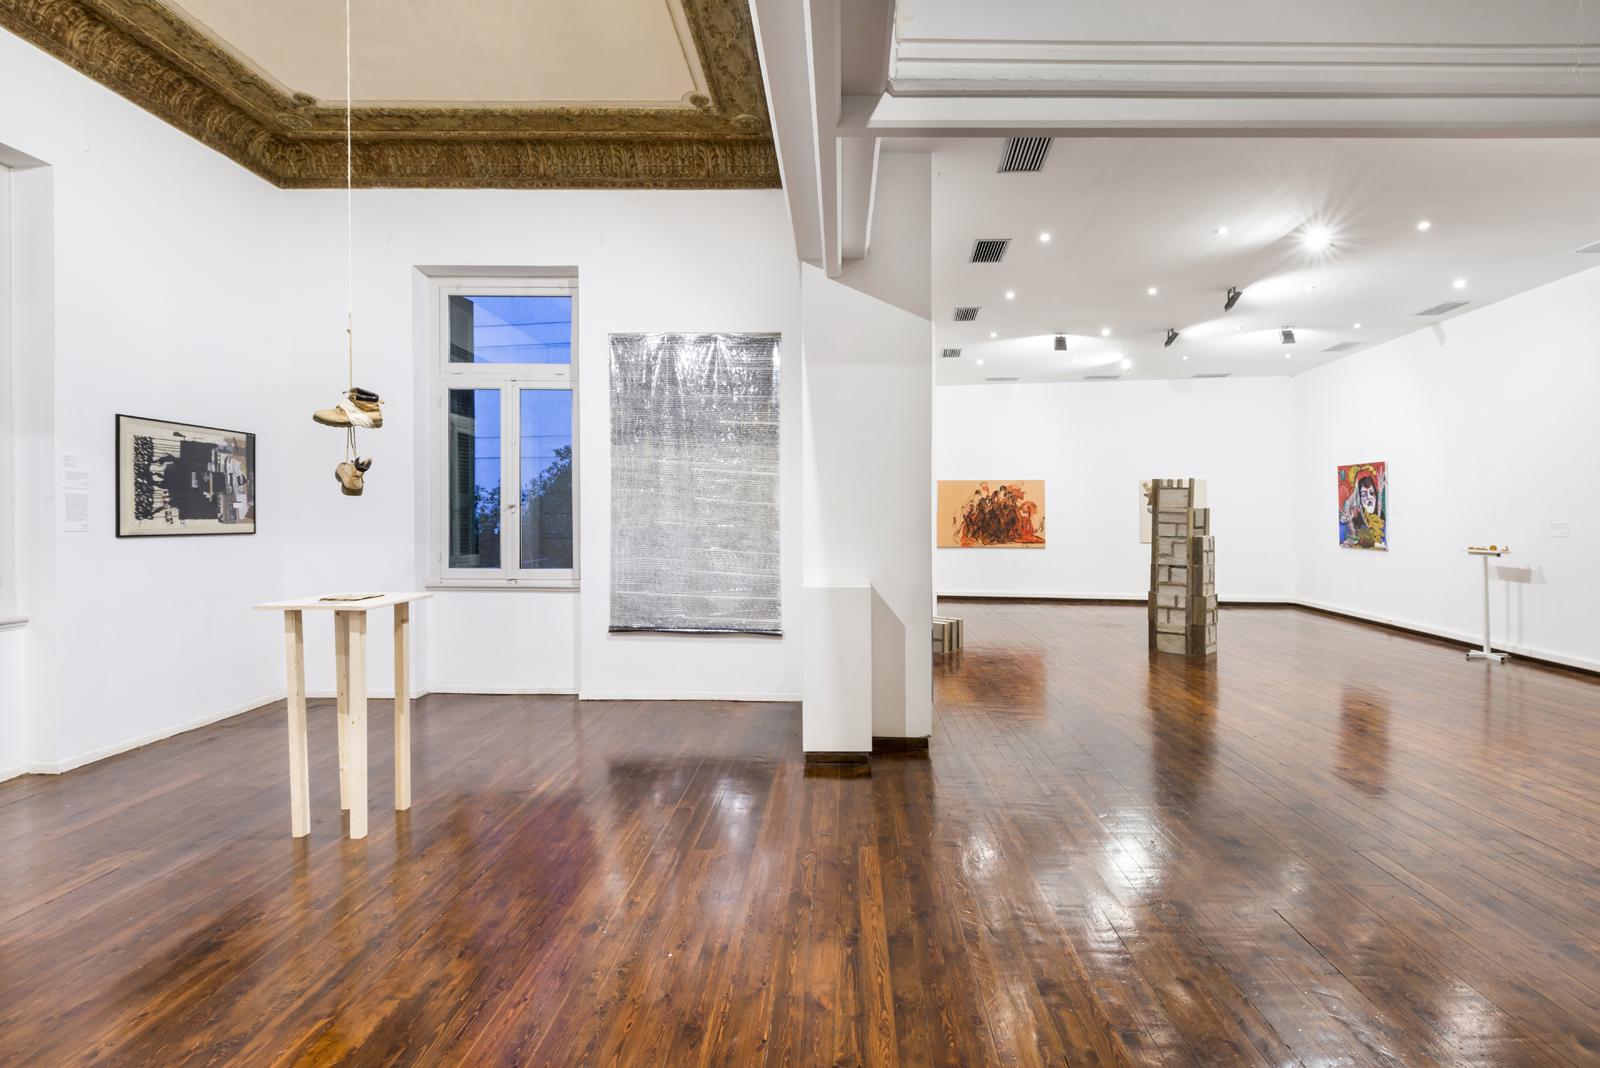 Trii Art Hub